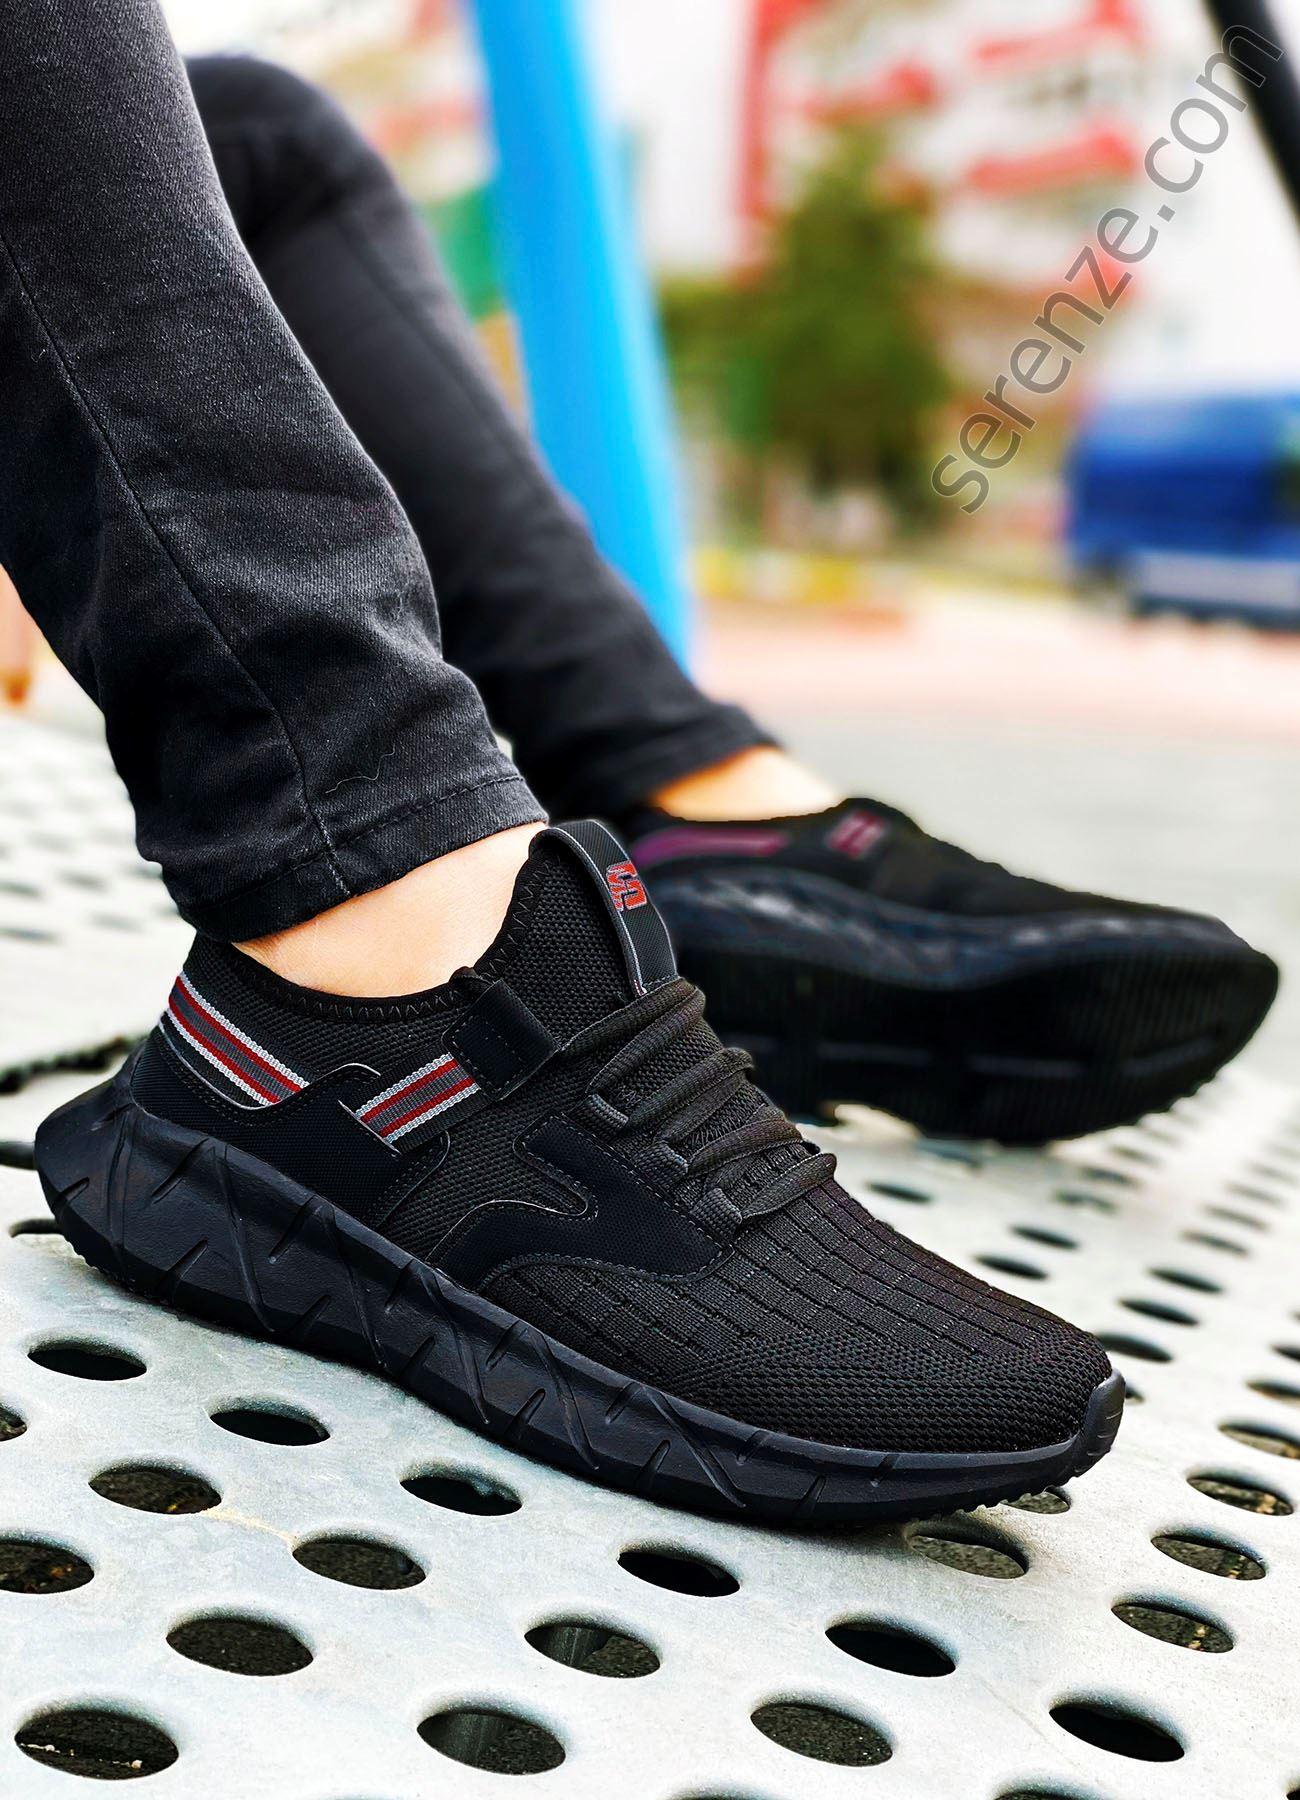 Siyah Bant Detay Erkek Spor Ayakkabı